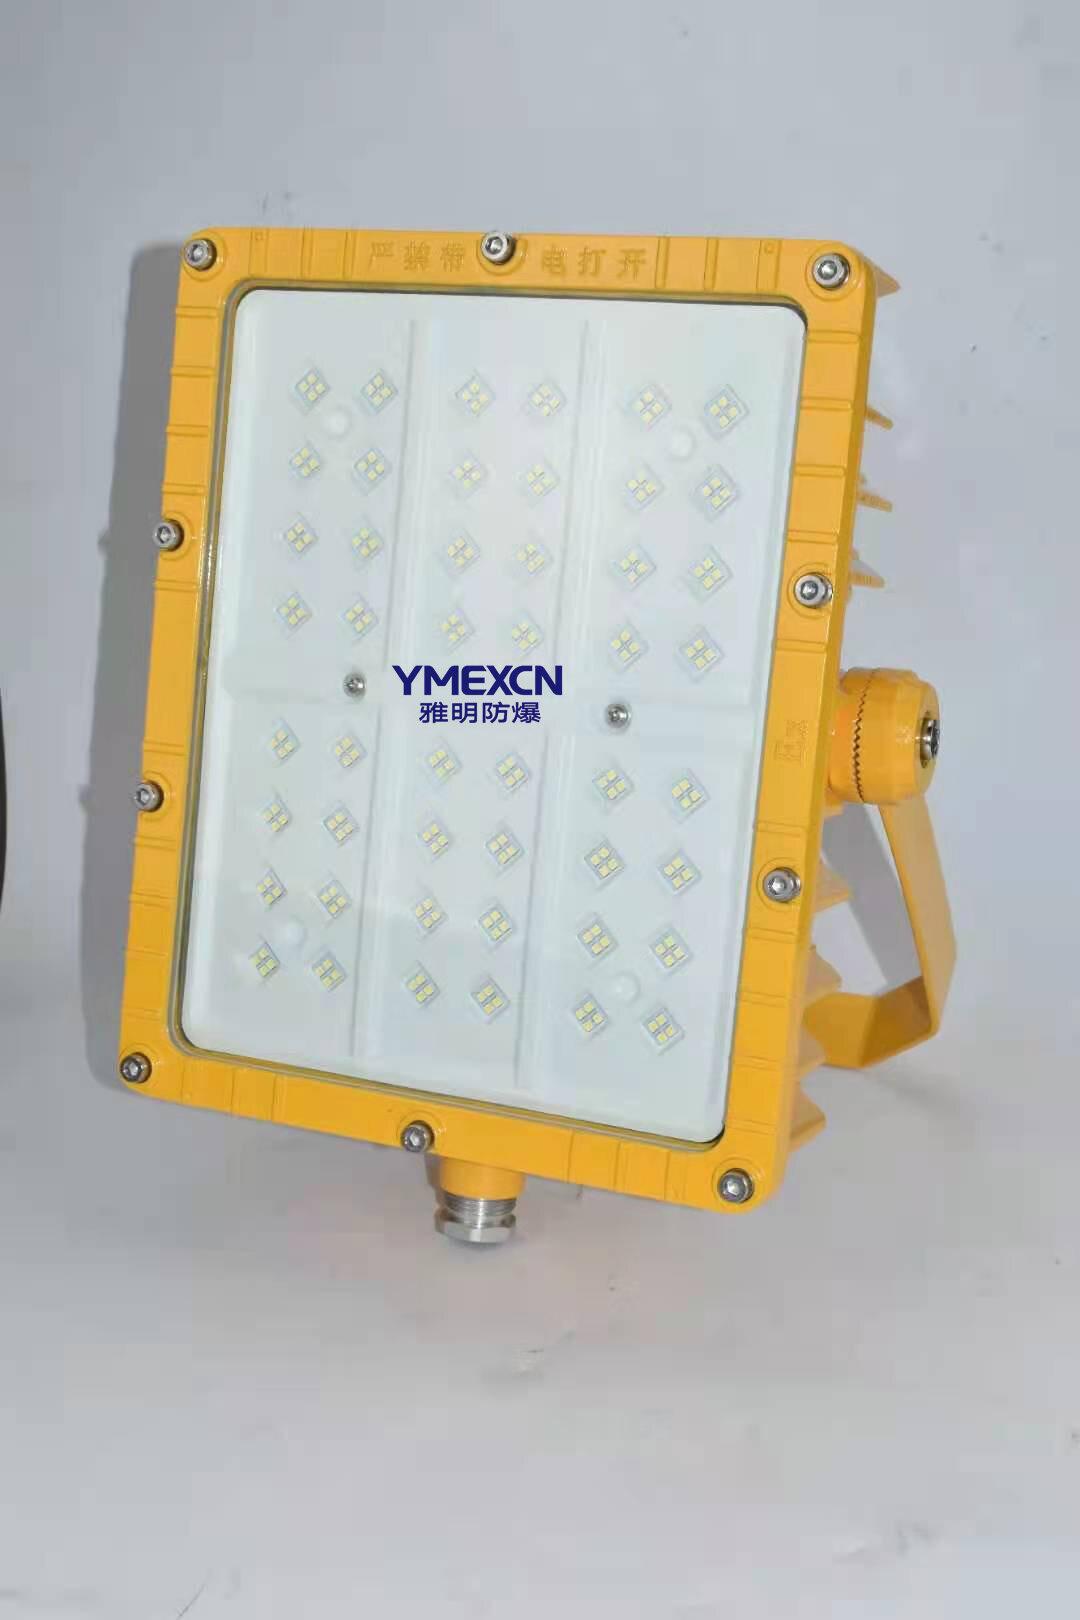 新品方形LED防爆灯广泛用于化工厂加油站仓库